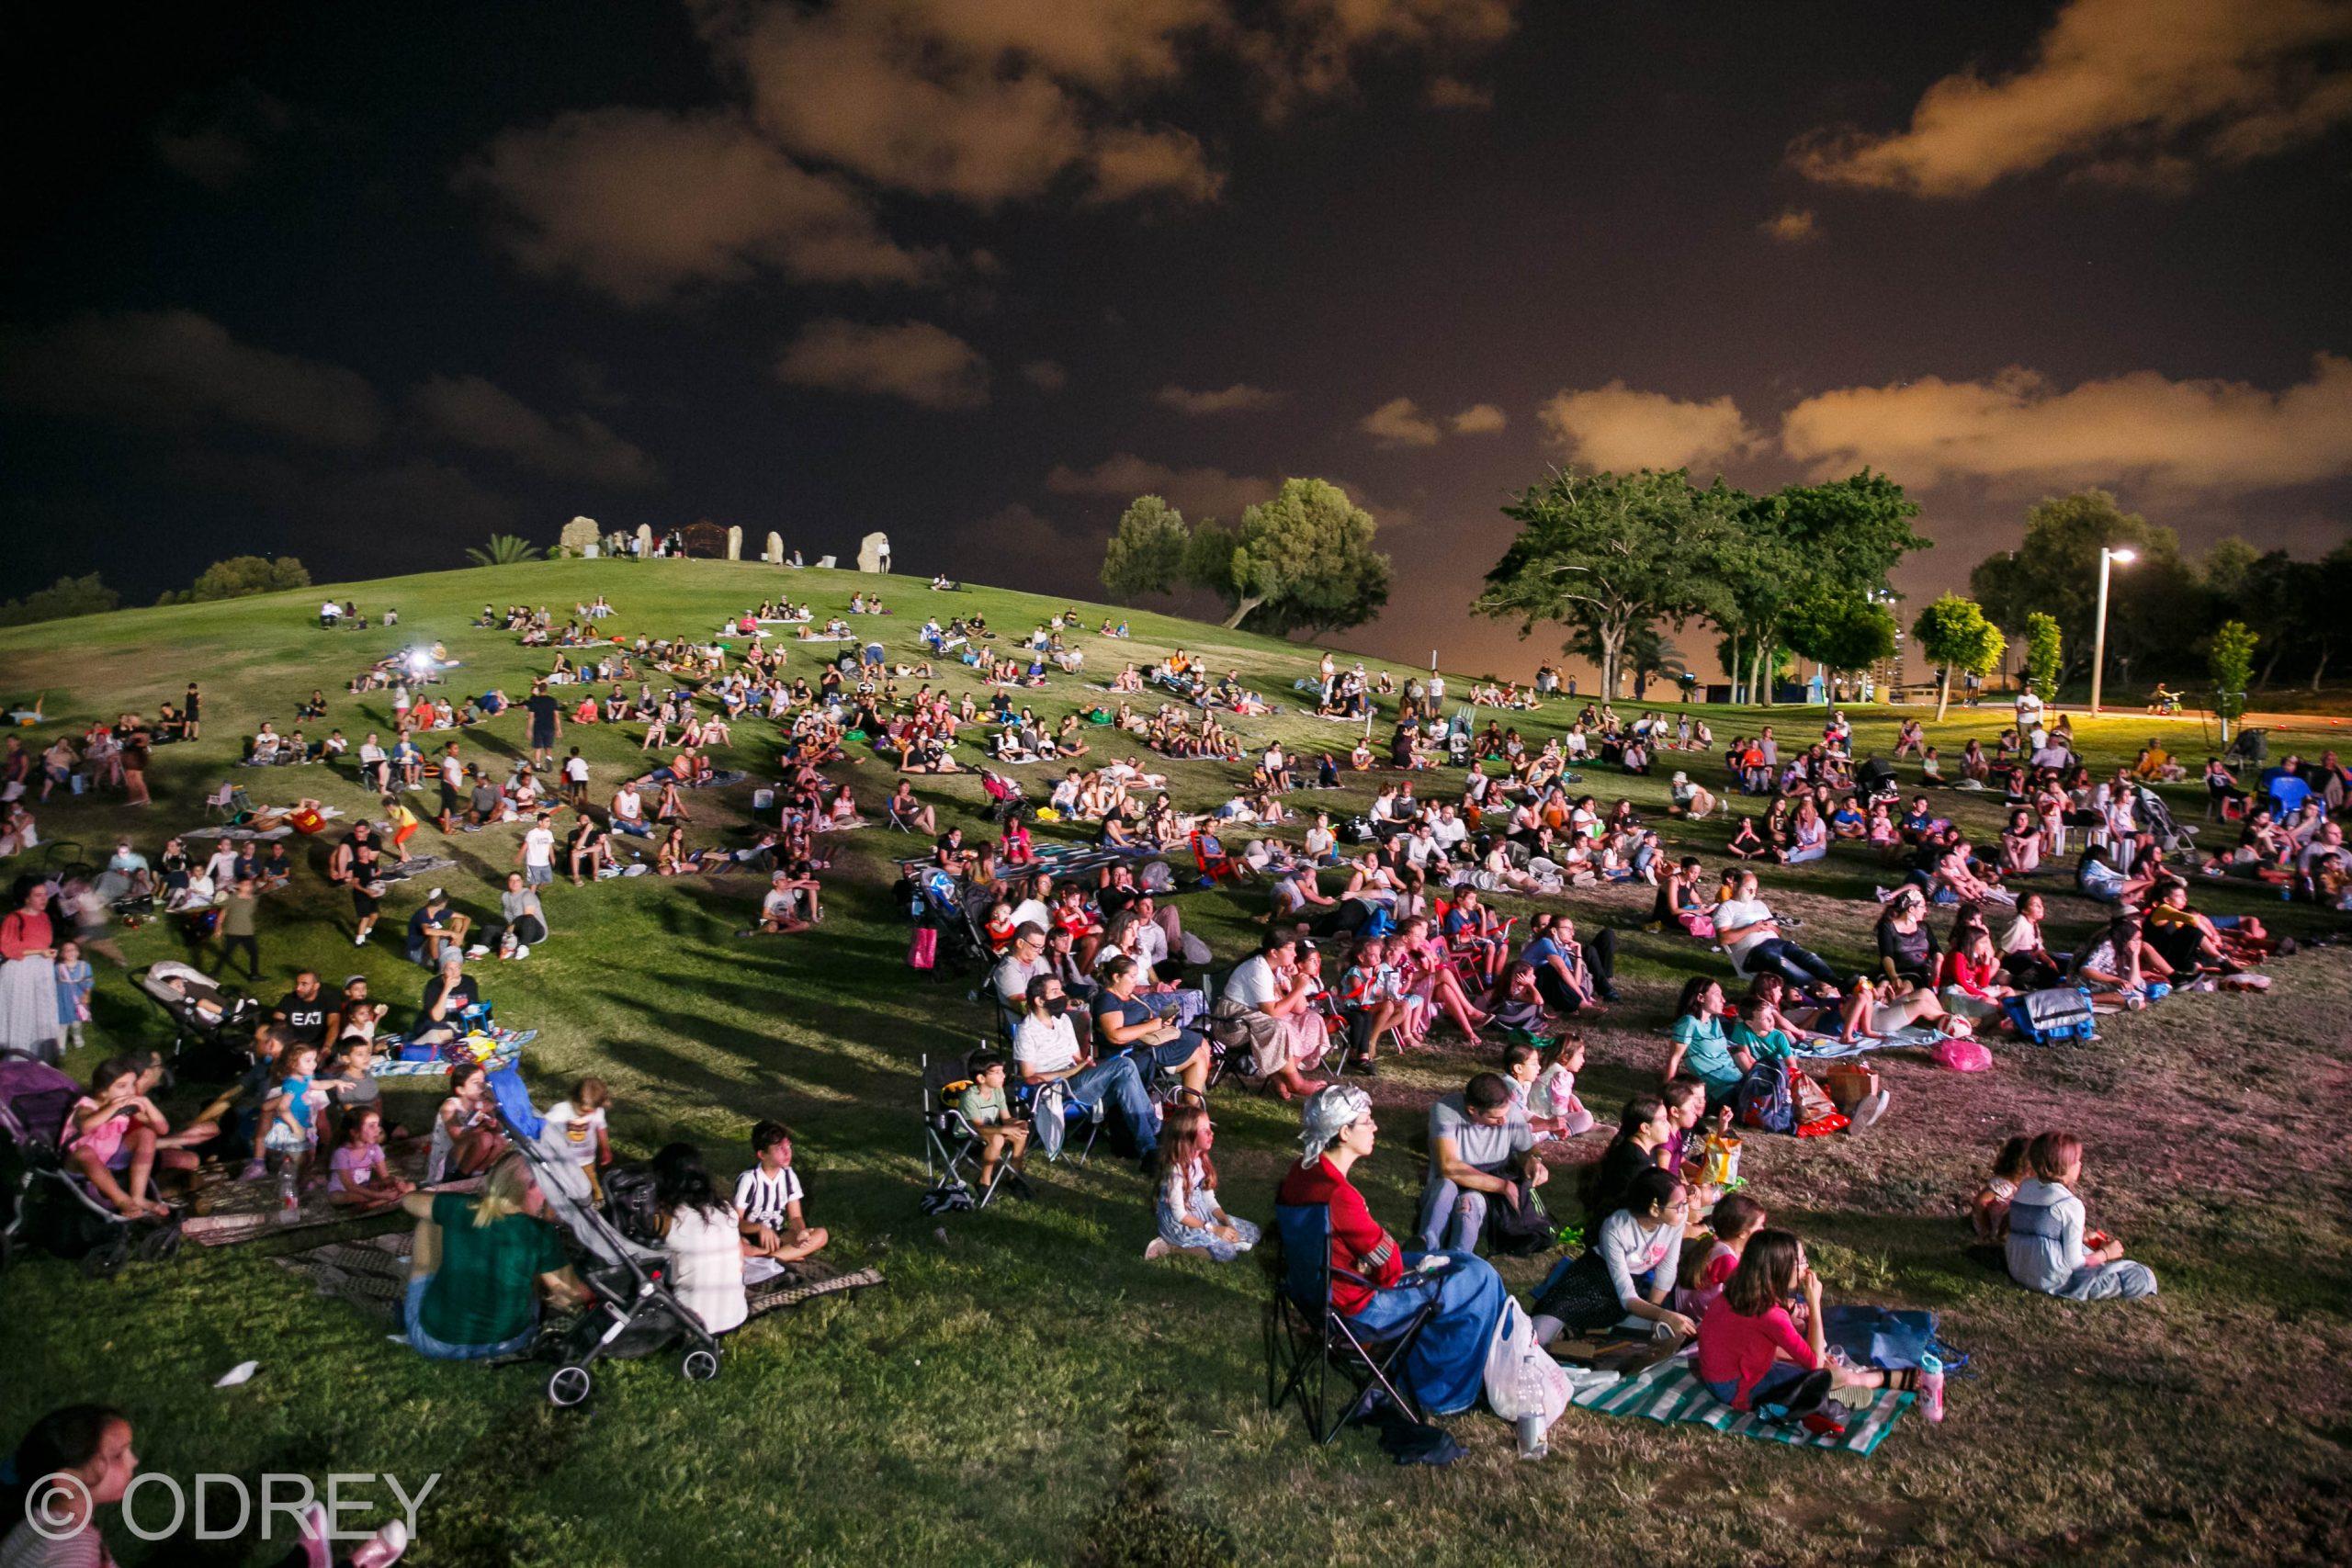 קולנוע פתוח בפארק: המסע הקורע של אבא אווזה